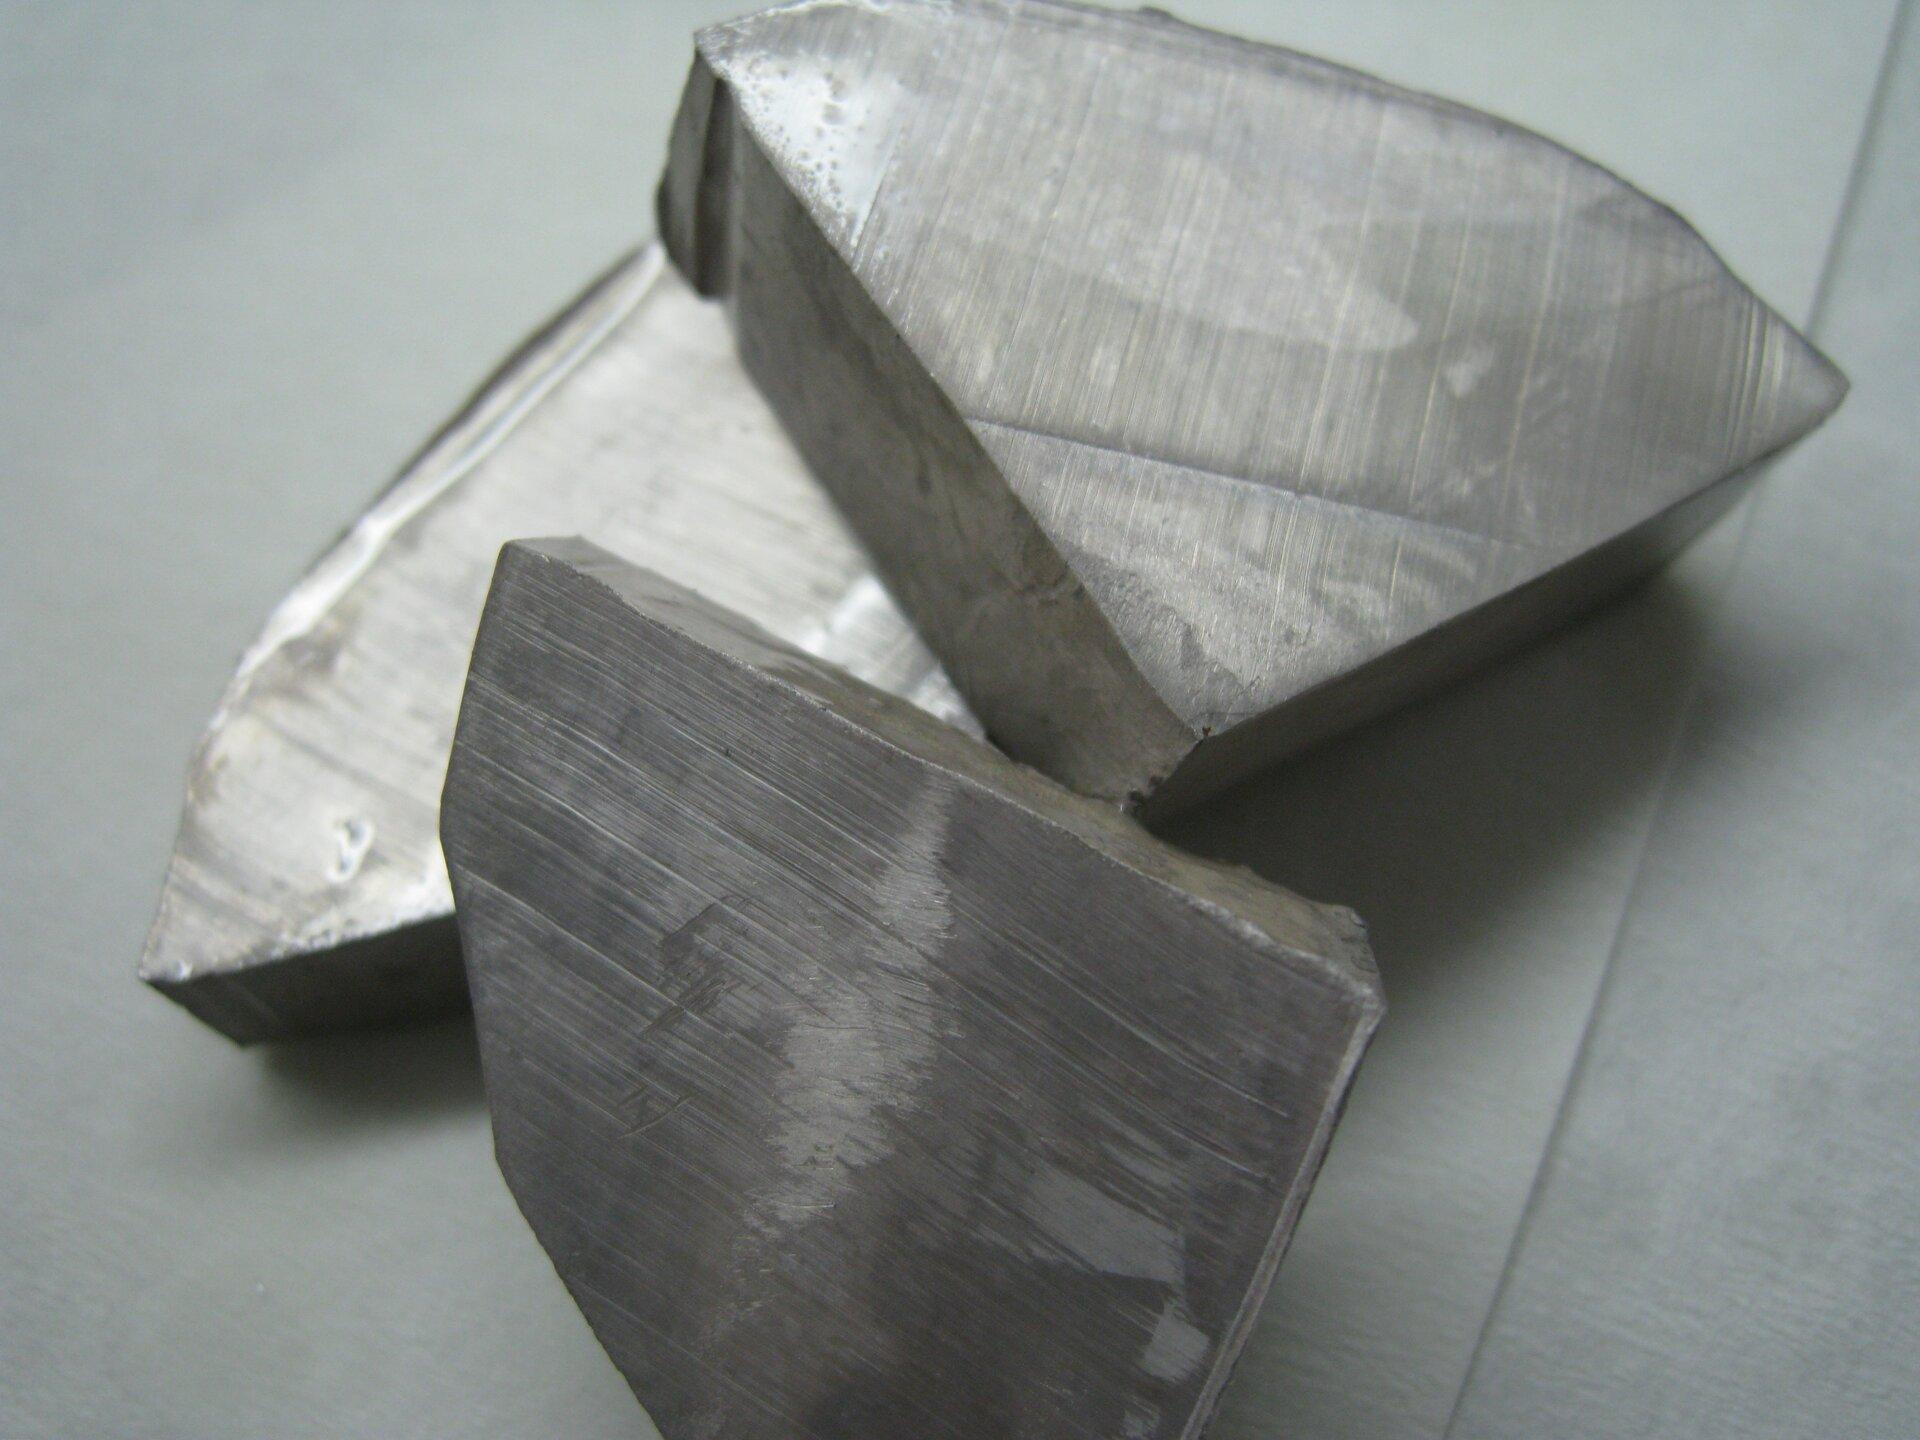 Zdjęcie przedstawia trzy kawałki metalicznego sodu leżące na białej powierzchni. Każdy zkawałków ma co najmniej trzy ścianki równe zwidocznymi śladami po cięciu. Pozostałe krawędzie nieregularne. Metal jest srebrny zwyraźnymi plamami szarego nalotu wmiejscach, gdzie zaczął reagować zpowietrzem.